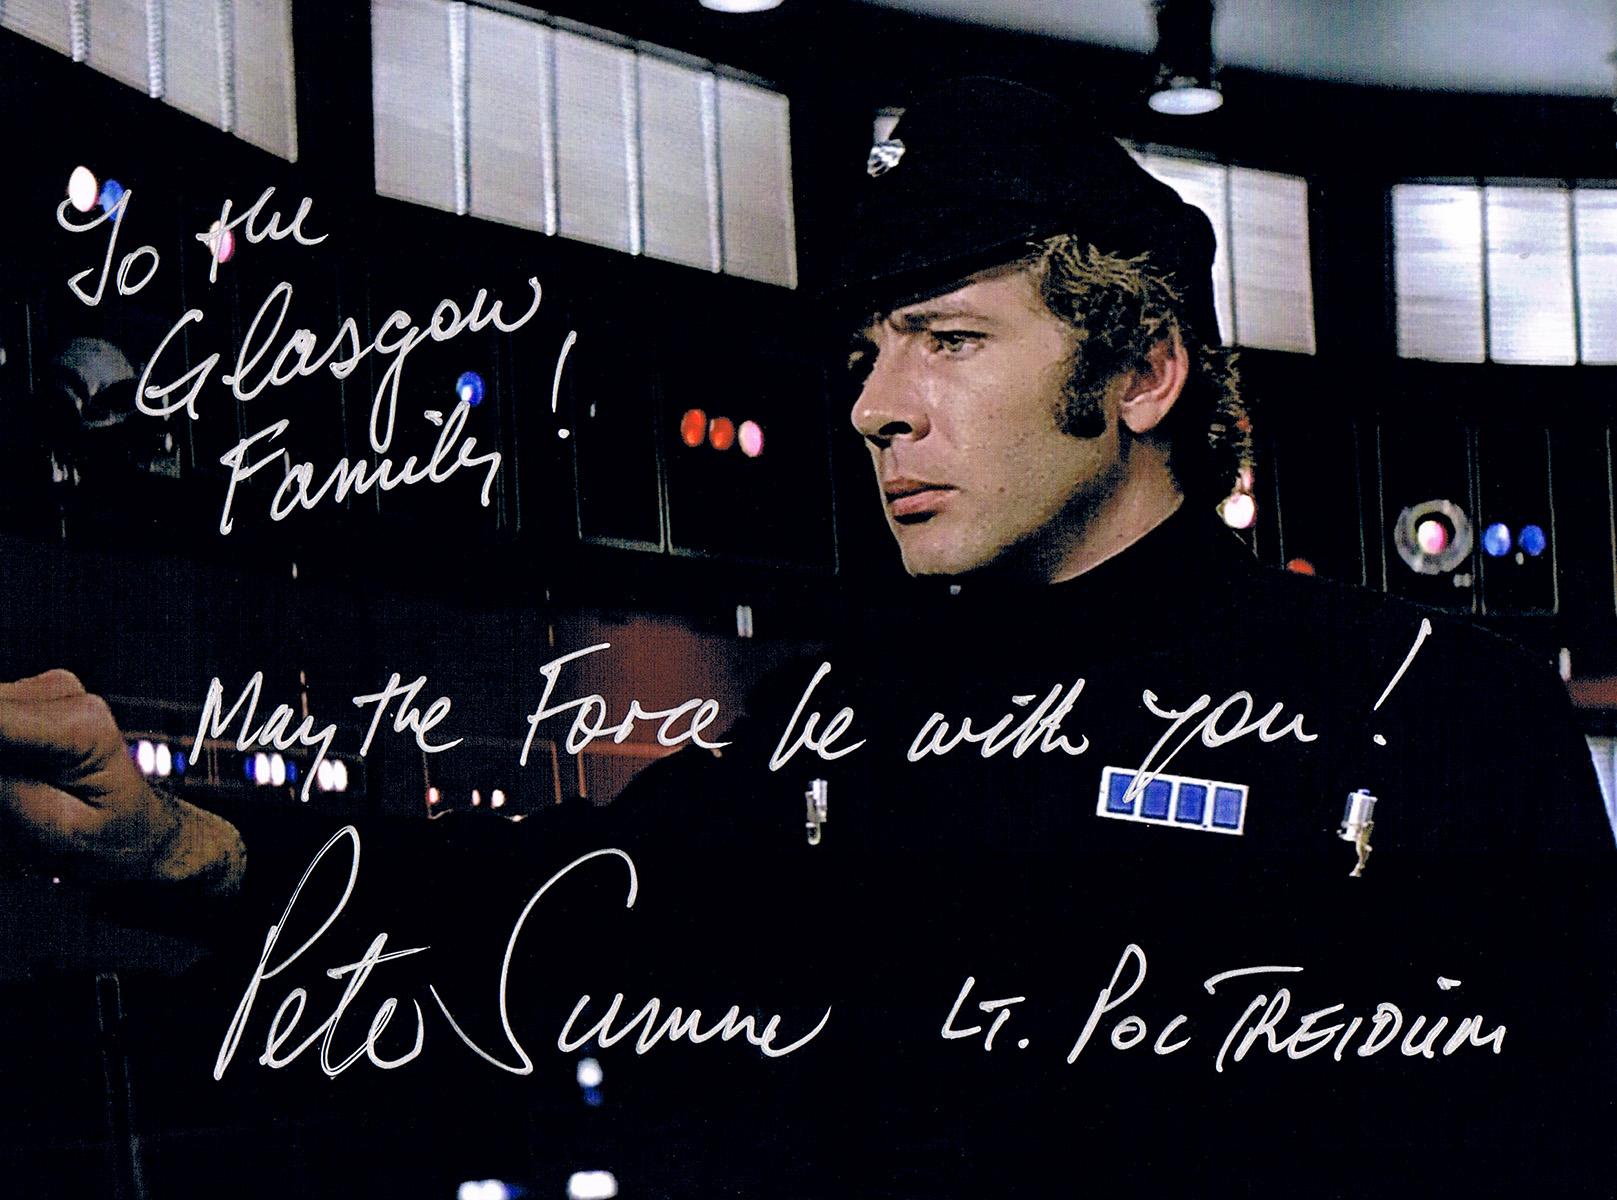 Peter Sumner autograph